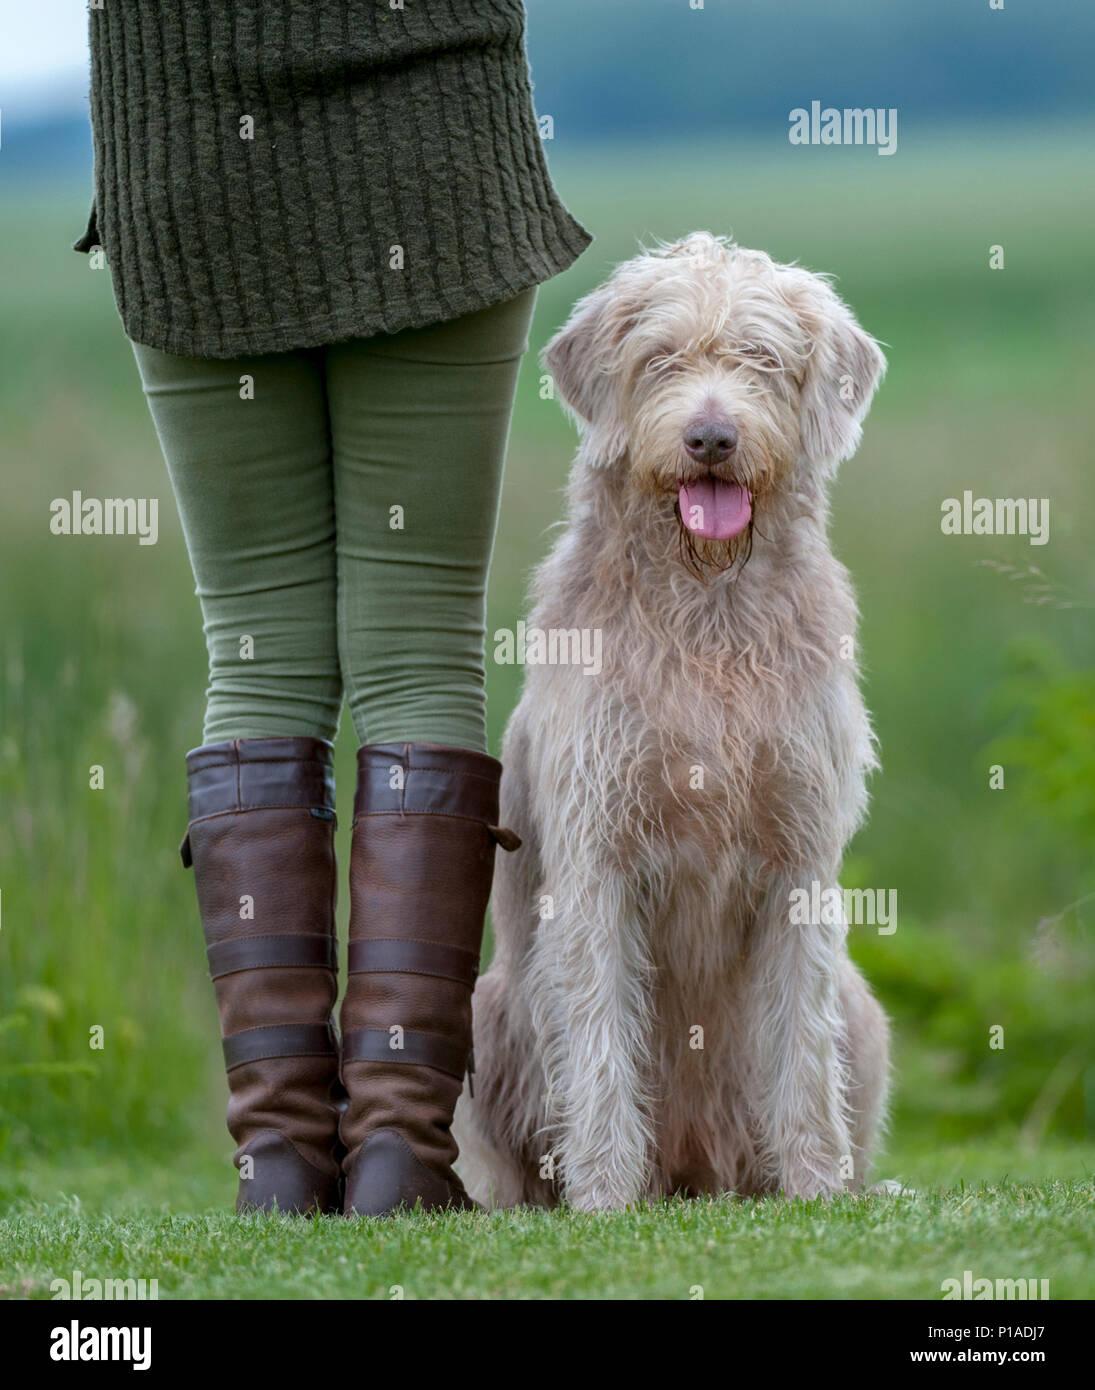 Une femme avec son dos à la caméra dans des bottes de cuir se tenait dans un enclos des épinettes, avec un chien, qui est un ressortissant slovaque aux cheveux rugueux, Pointeur et affectueusement affectueusement assis à côté d'elle Photo Stock